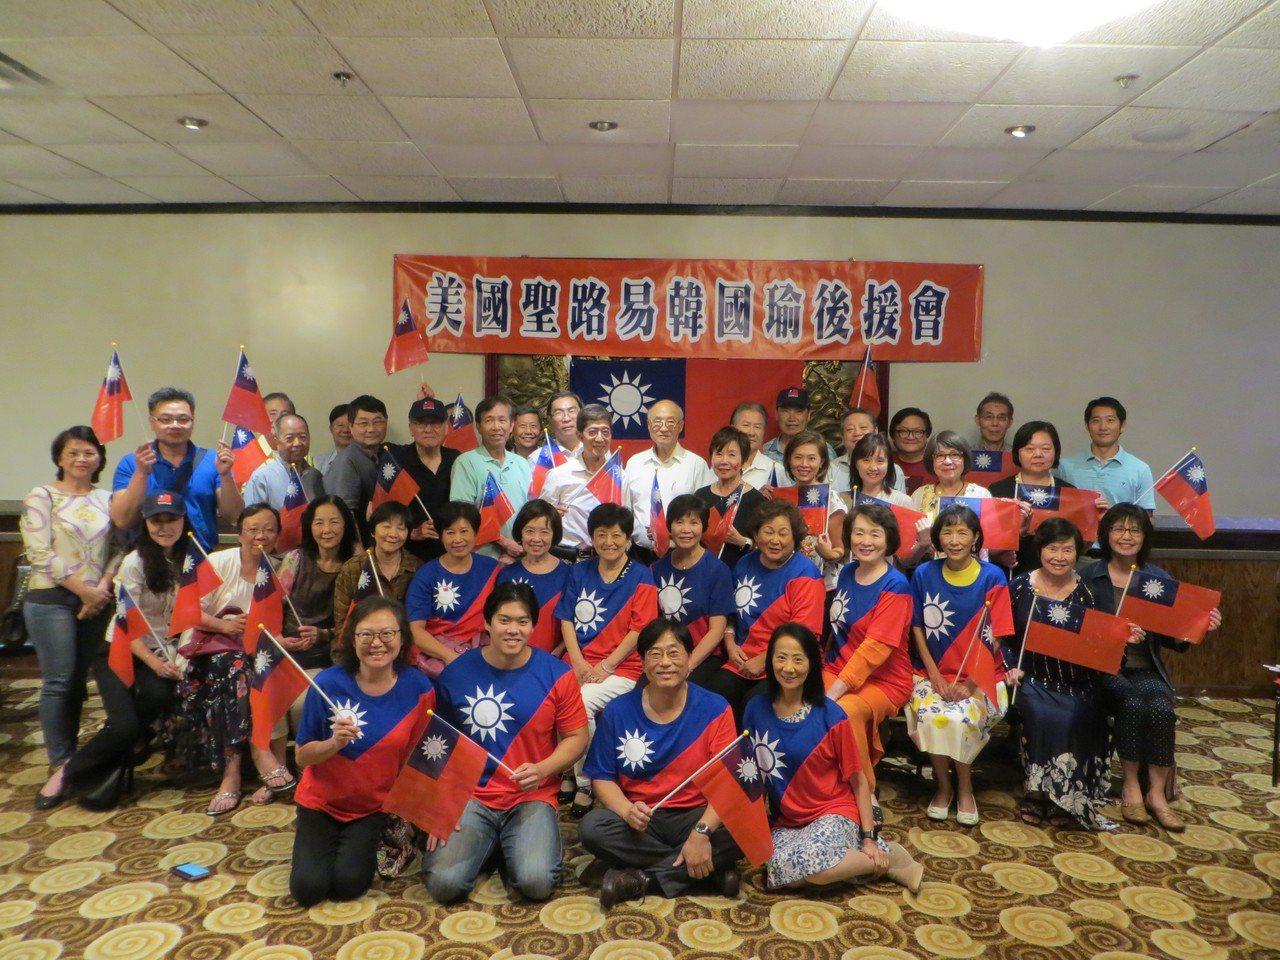 美國聖路易韓國瑜後援會。圖擷自聖路易新聞網